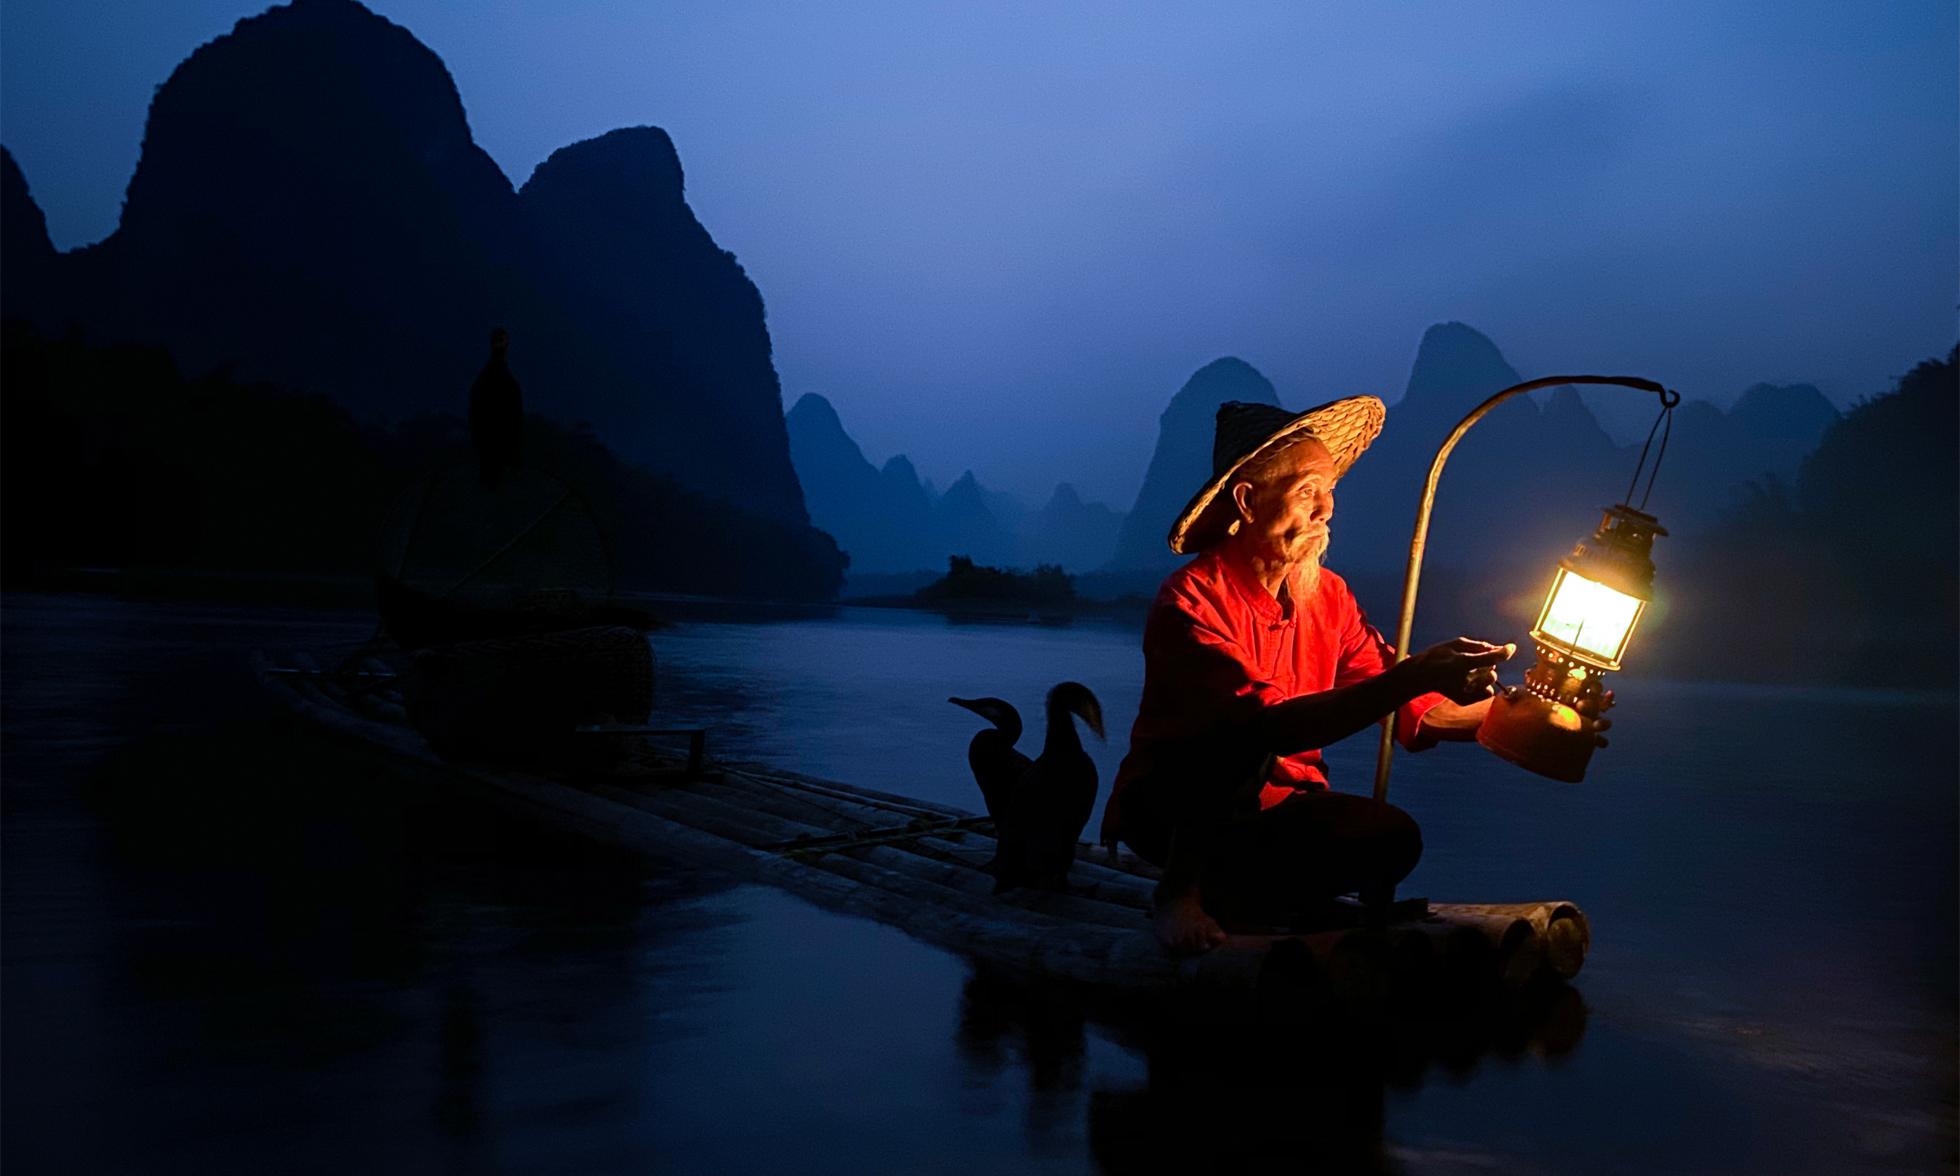 Apple 举办 iPhone「夜间模式」摄影大赛